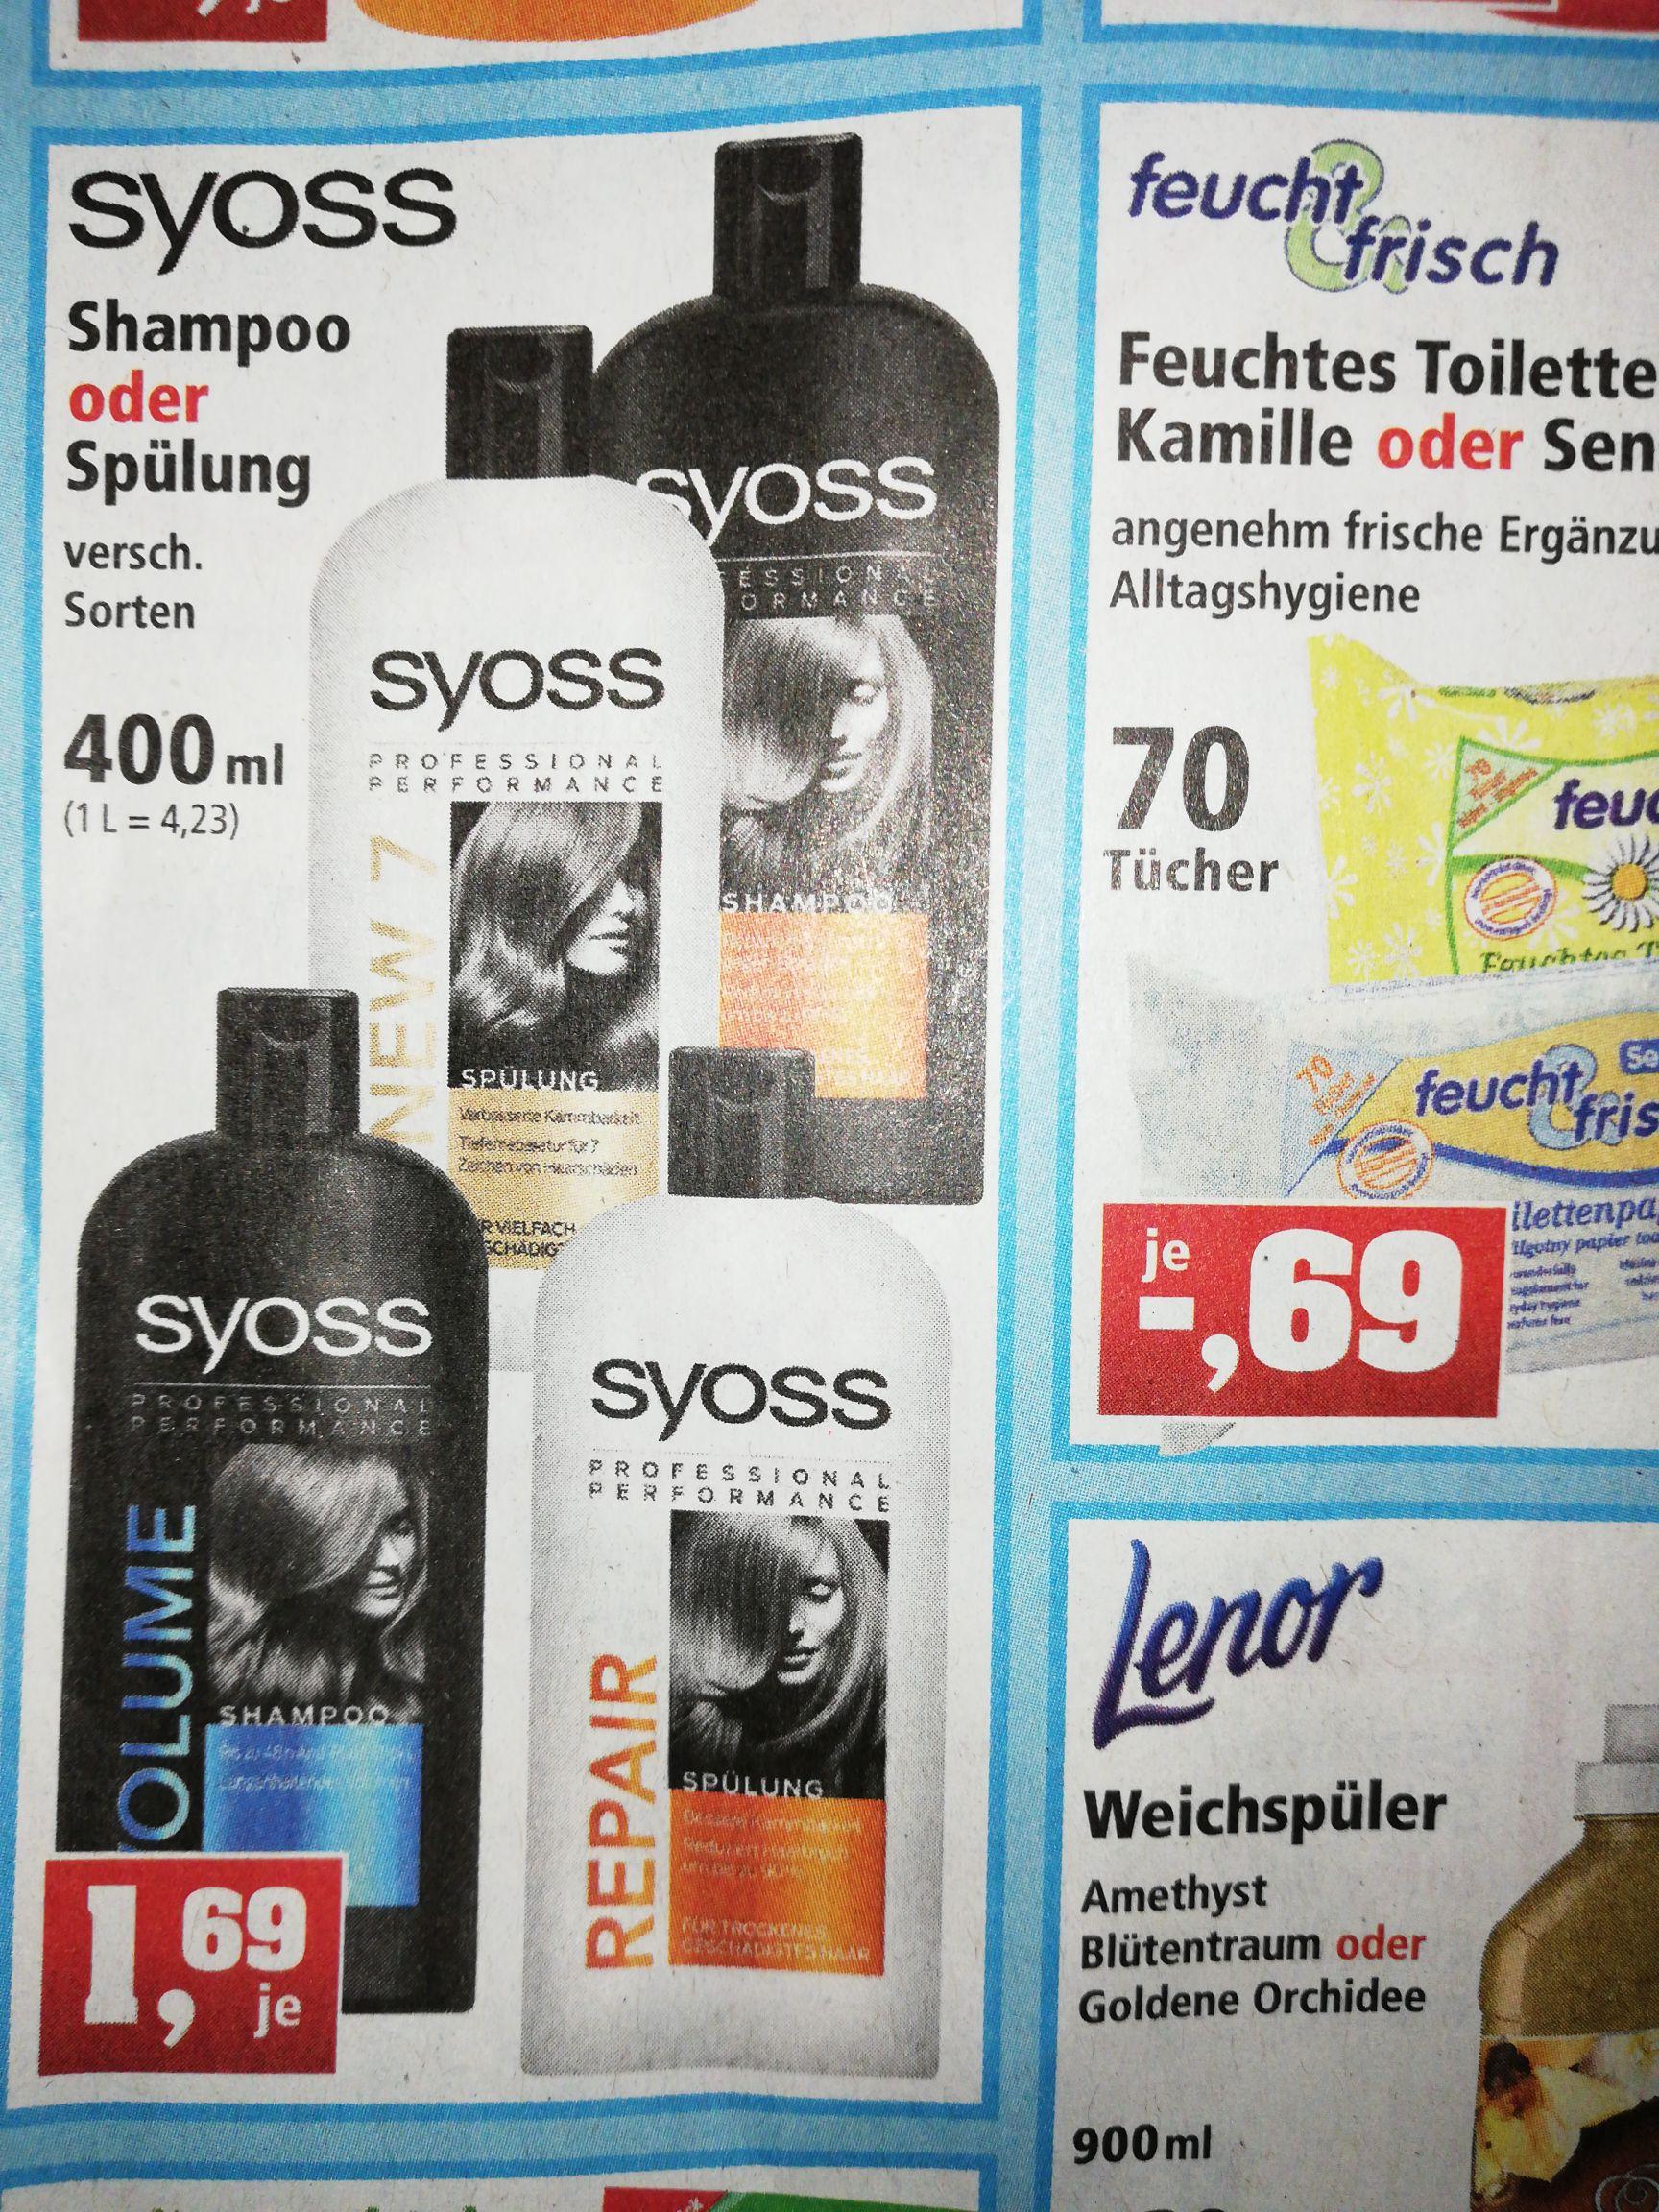 Thomas Philipps Syoss Shampoo oder Spülung 400ml oder bei Rossmann mit Coupon 2x 500ml für 3,13€